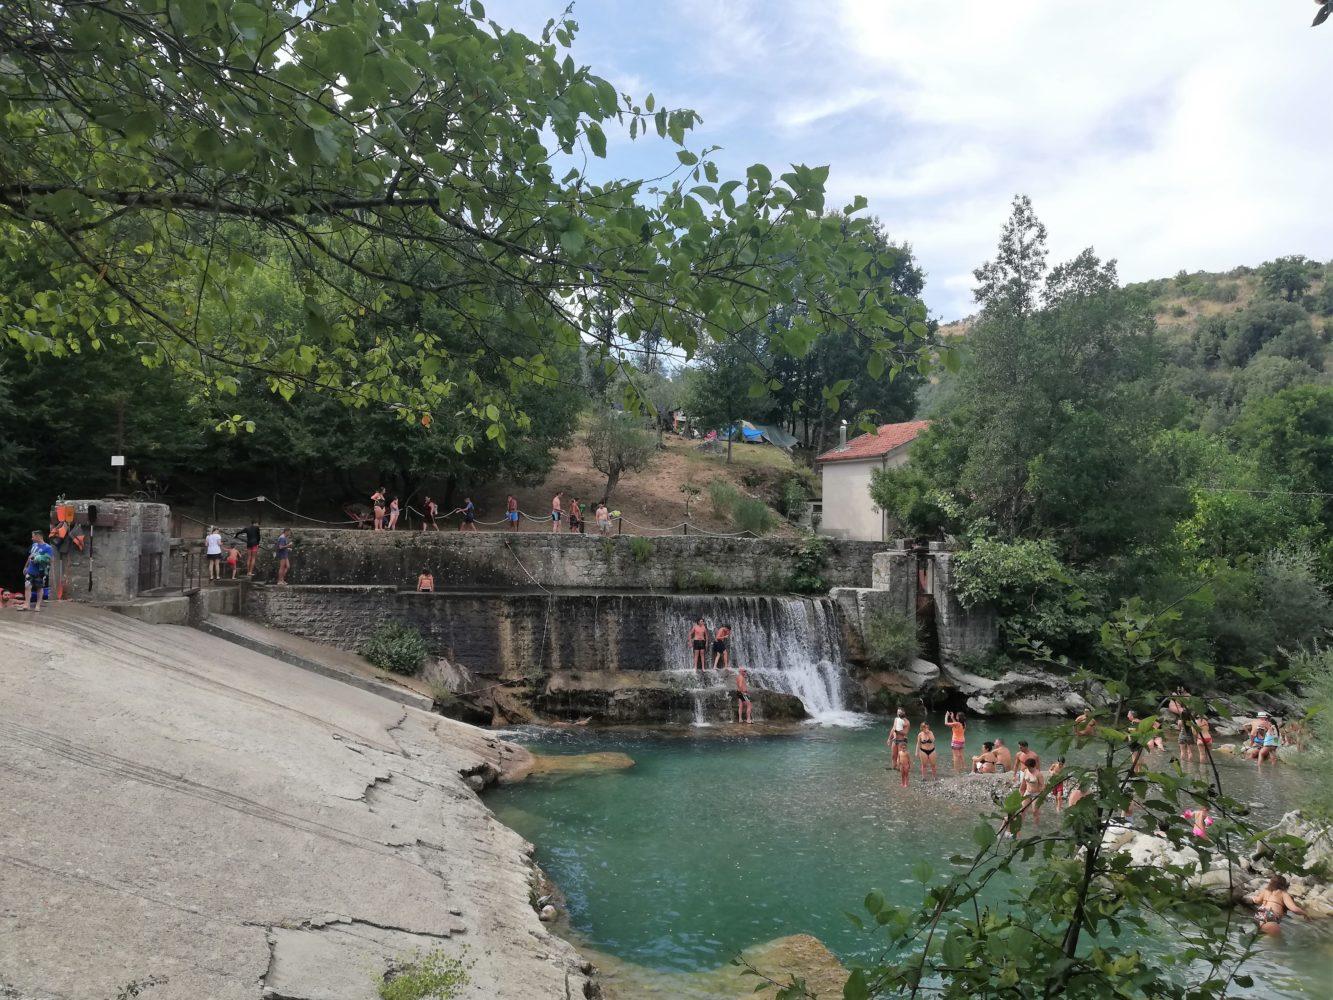 diga centrale idroelettrica dismessa il remolino felitto gola del calore